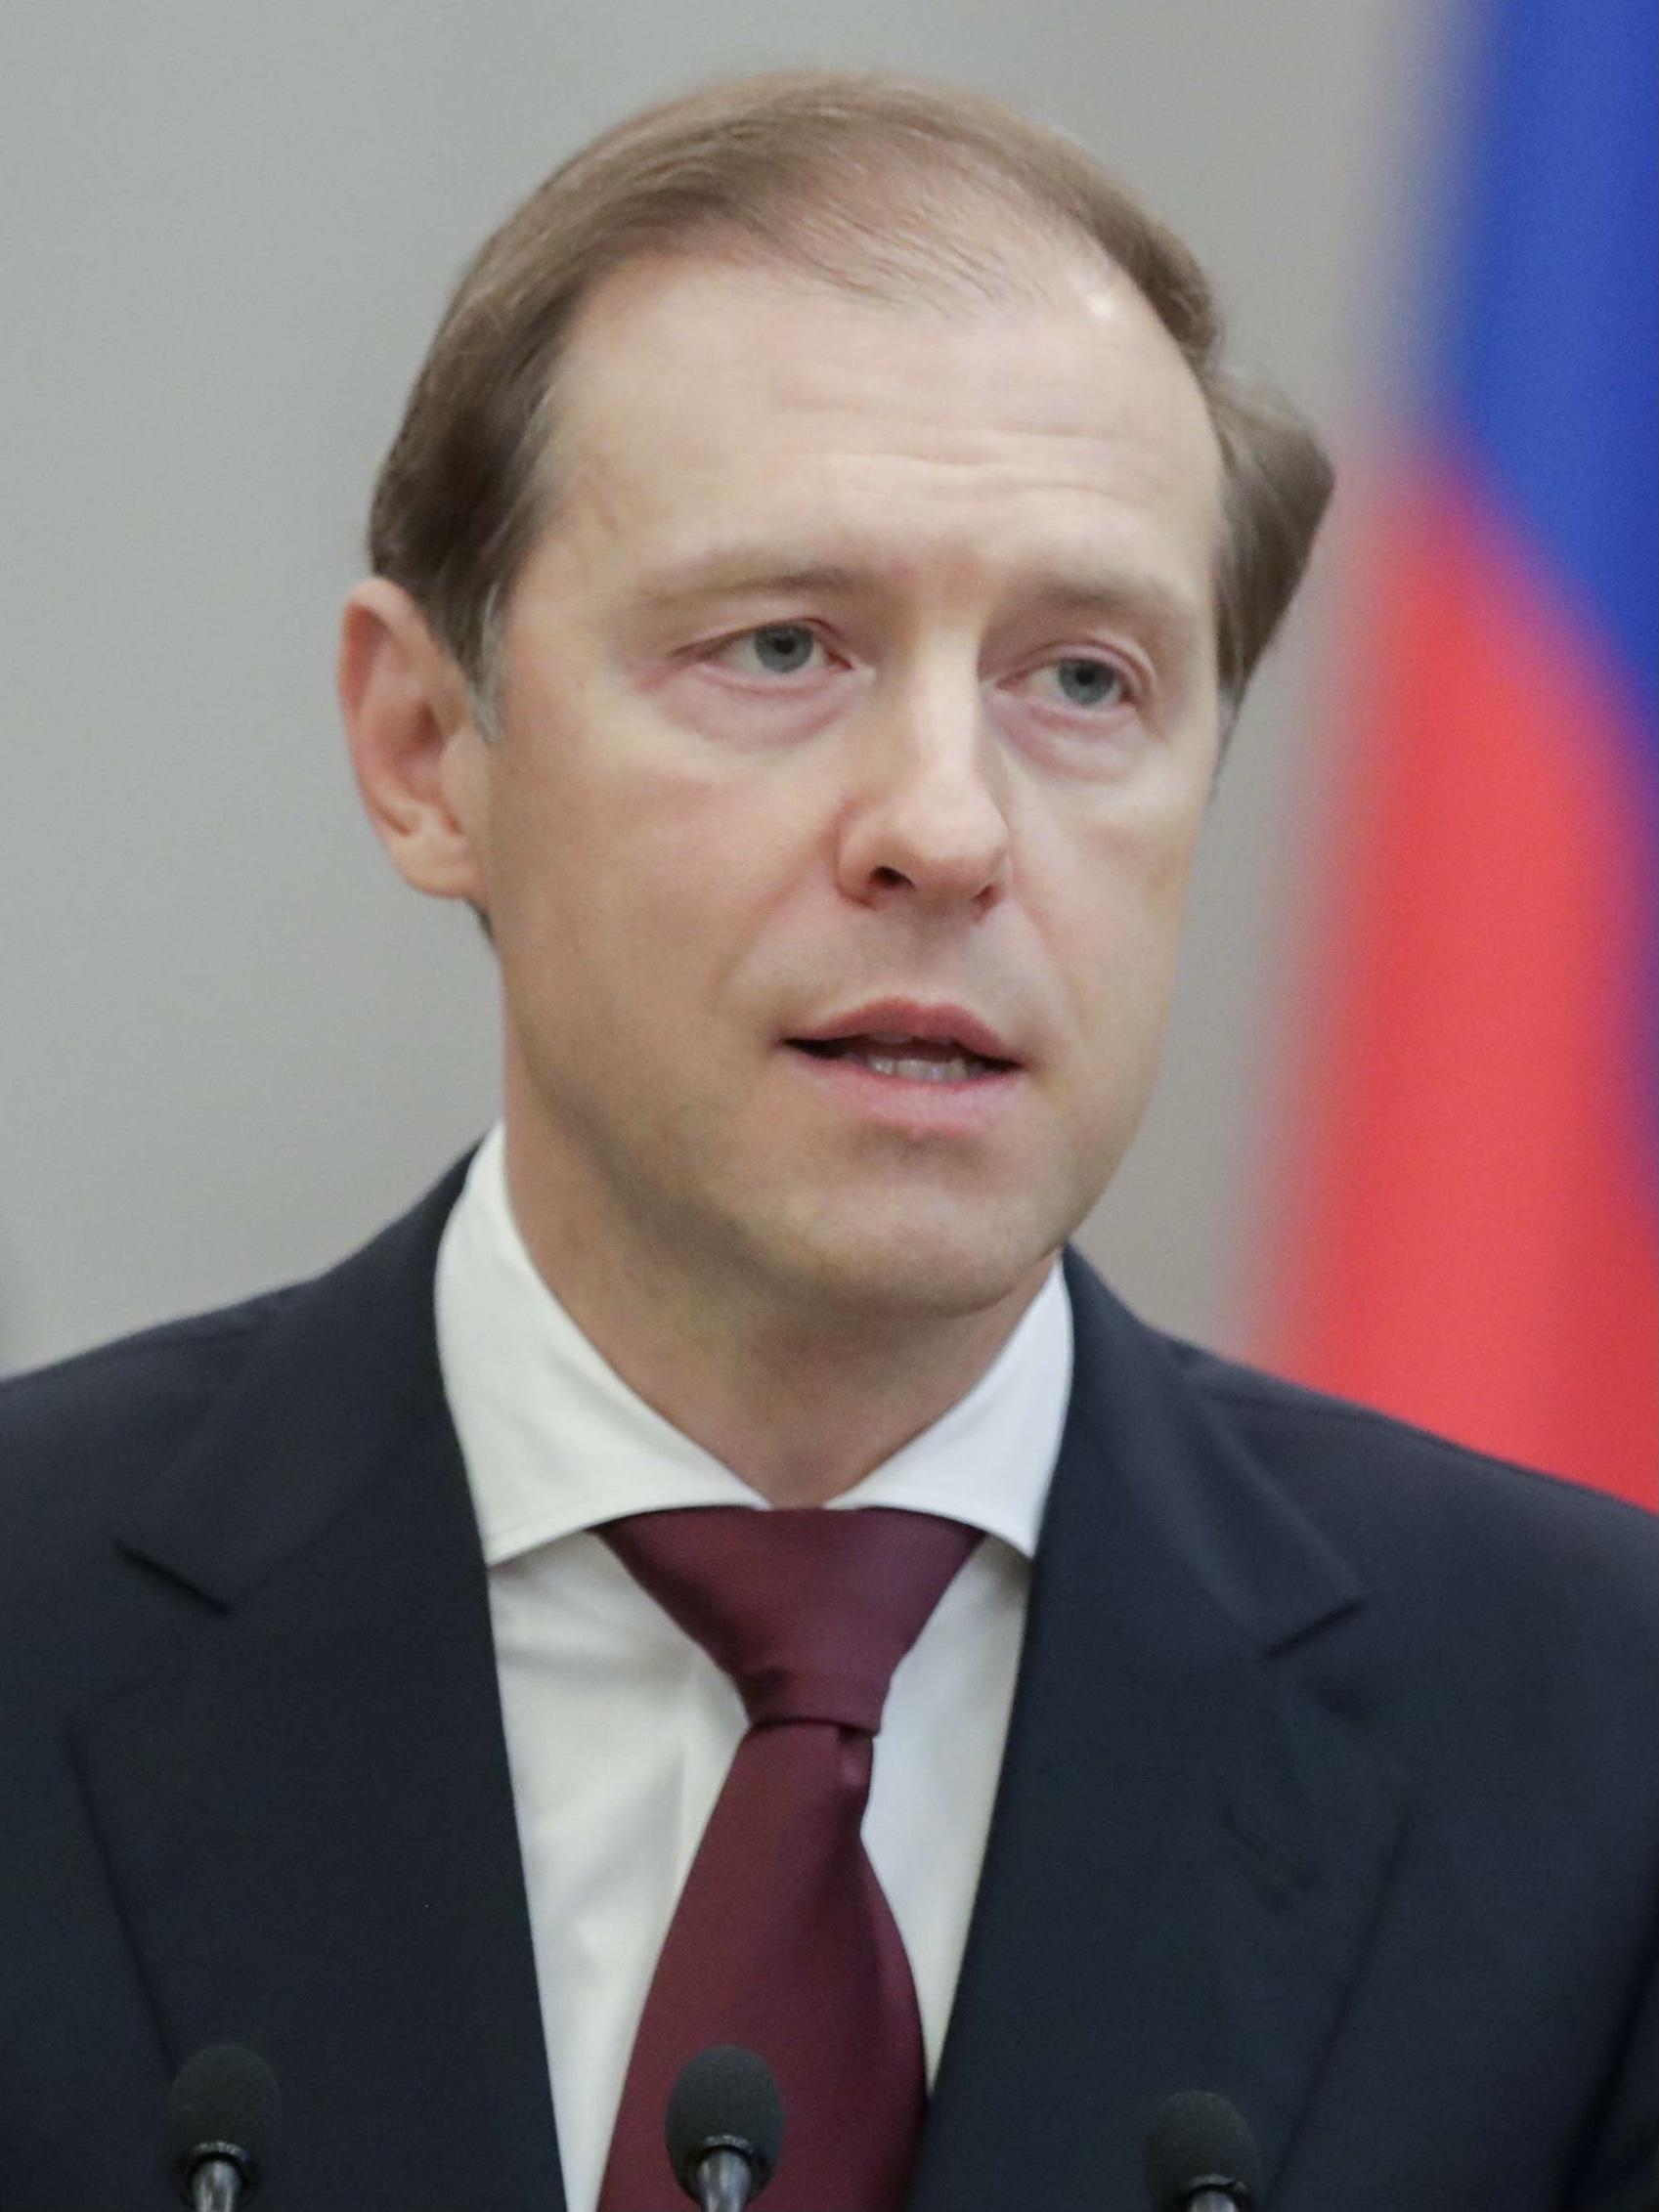 Denis Manturov - Wikipedia